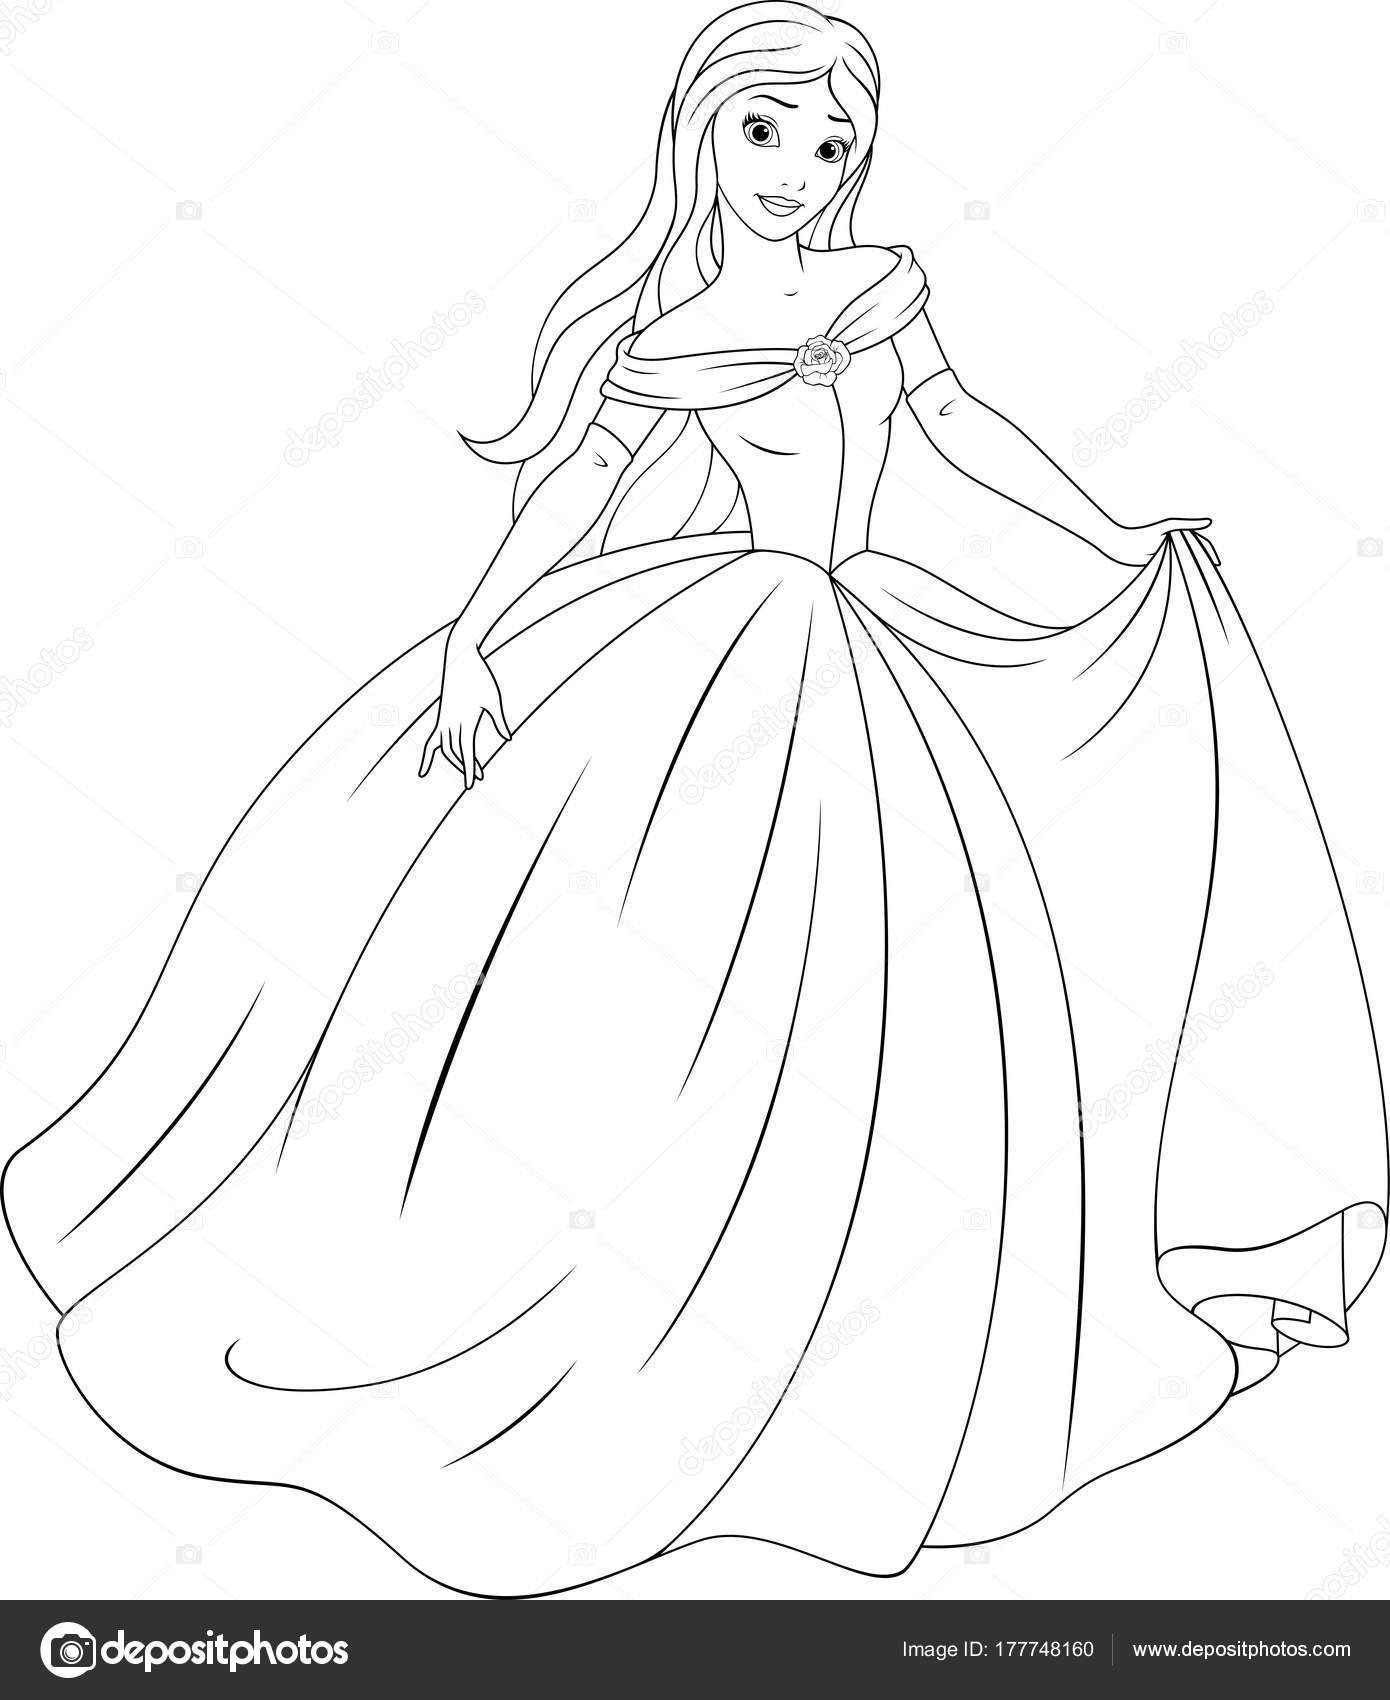 Kleurplaten Over Prinsessen.De Mooie Prinses Kleurplaten Stockvector C Andrey Makurin 177748160